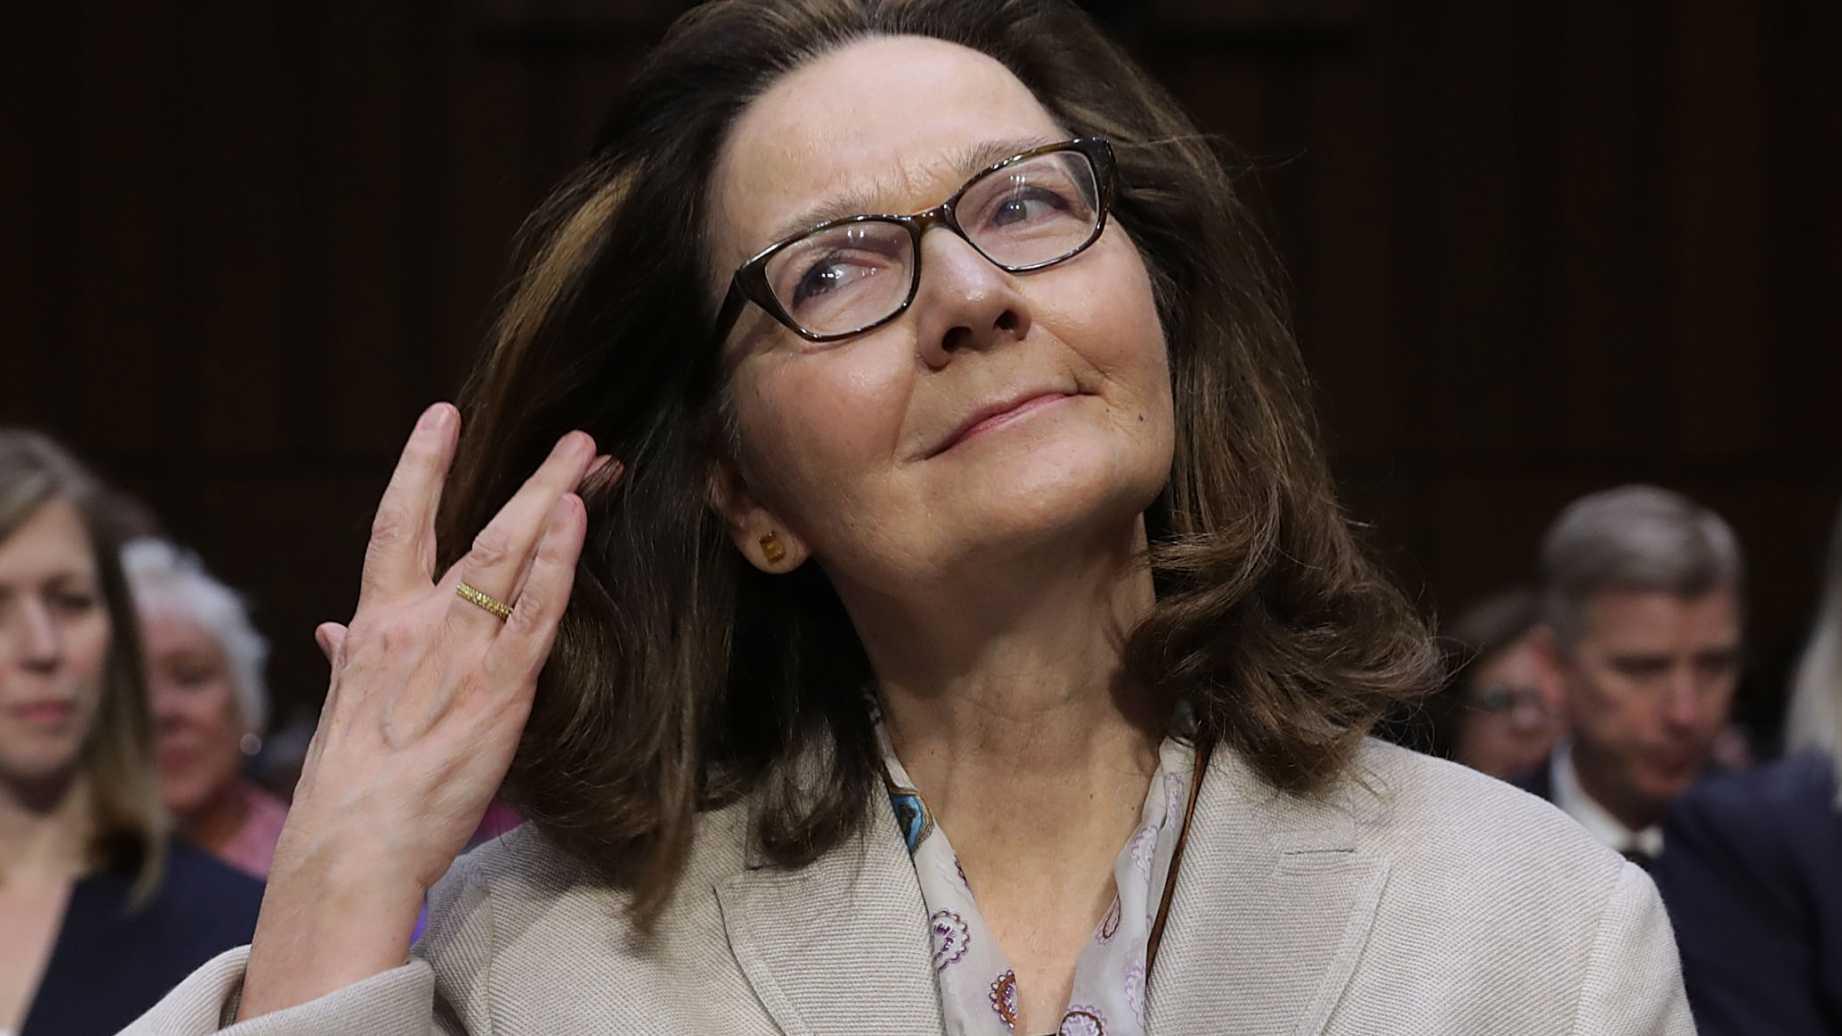 Gina Haspel, actual directora de la CIA, admitió que esa agencia llevó a cabo interrogatorios a sospechosos de terrorismo con técnicas de tortura similares a las que se practicaron en la cárcel de Abu Ghraib en Irak- sospechosos encapuchados, desnudos, con grilletes y confinamiento solitario.